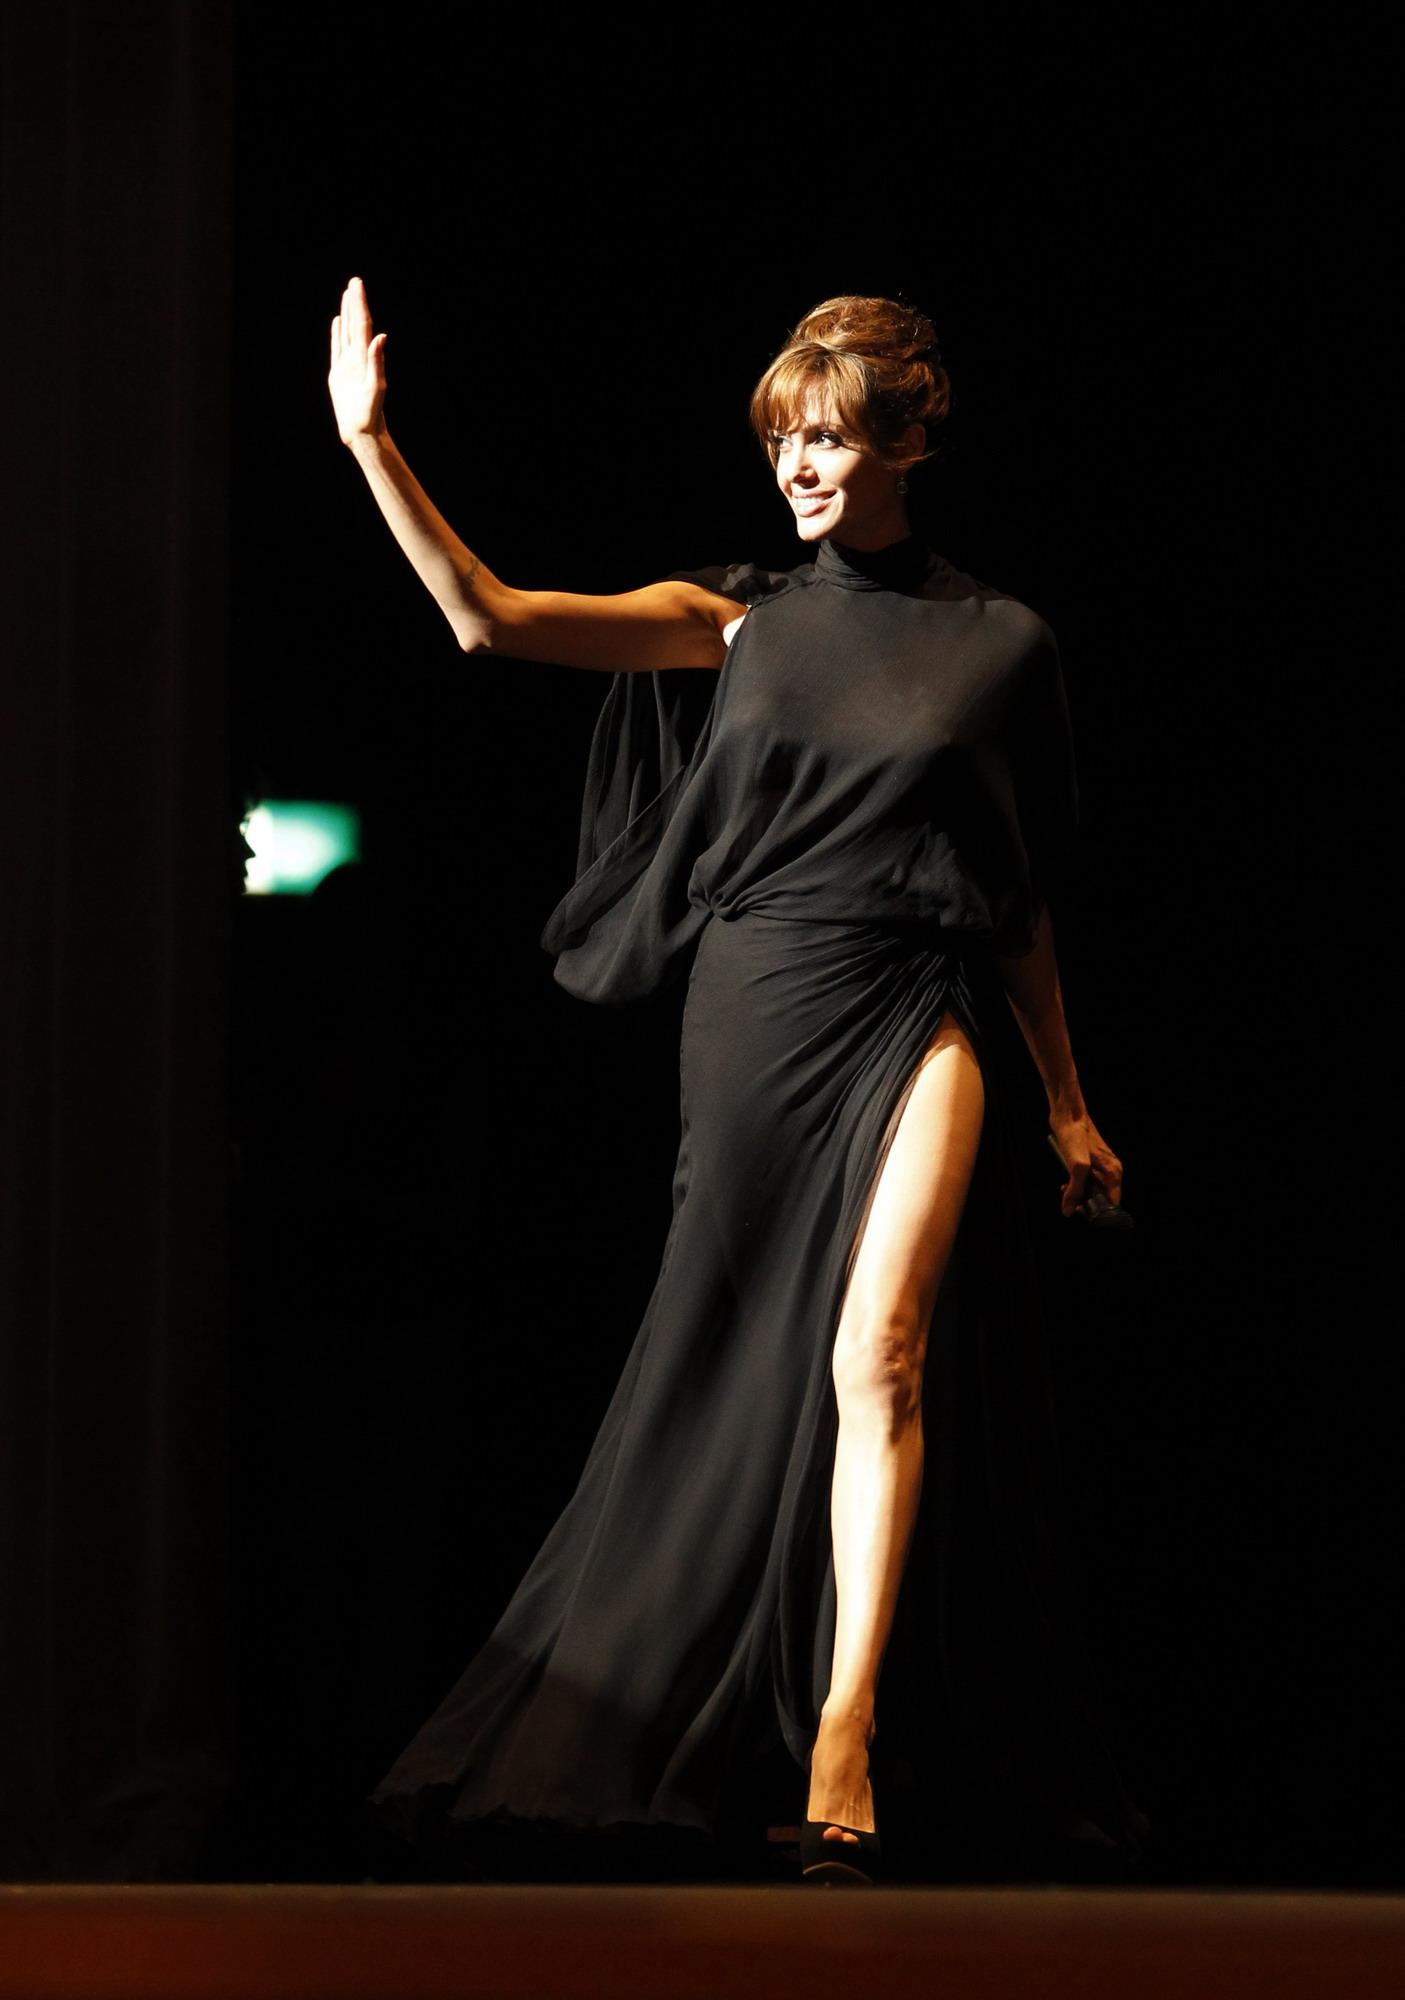 Черное платье с открытой спиной, прекрасно демонстрирующее татуировки